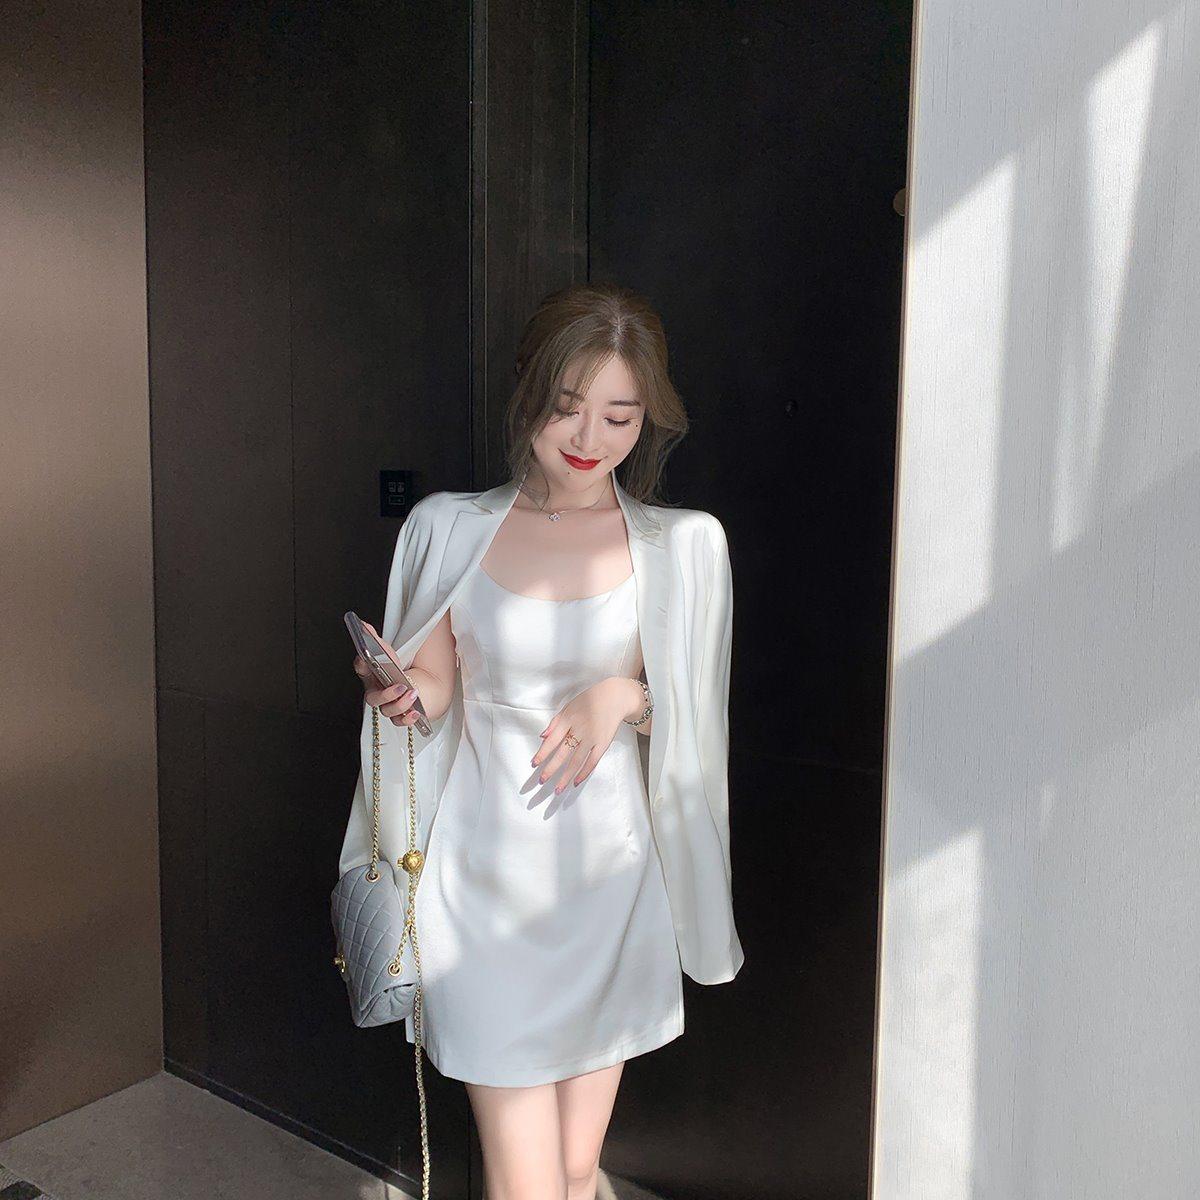 白色吊带连衣裙 夏季白色收腰缎面一字肩吊带连衣裙女性感内搭打底裙短裙子_推荐淘宝好看的白色吊带连衣裙